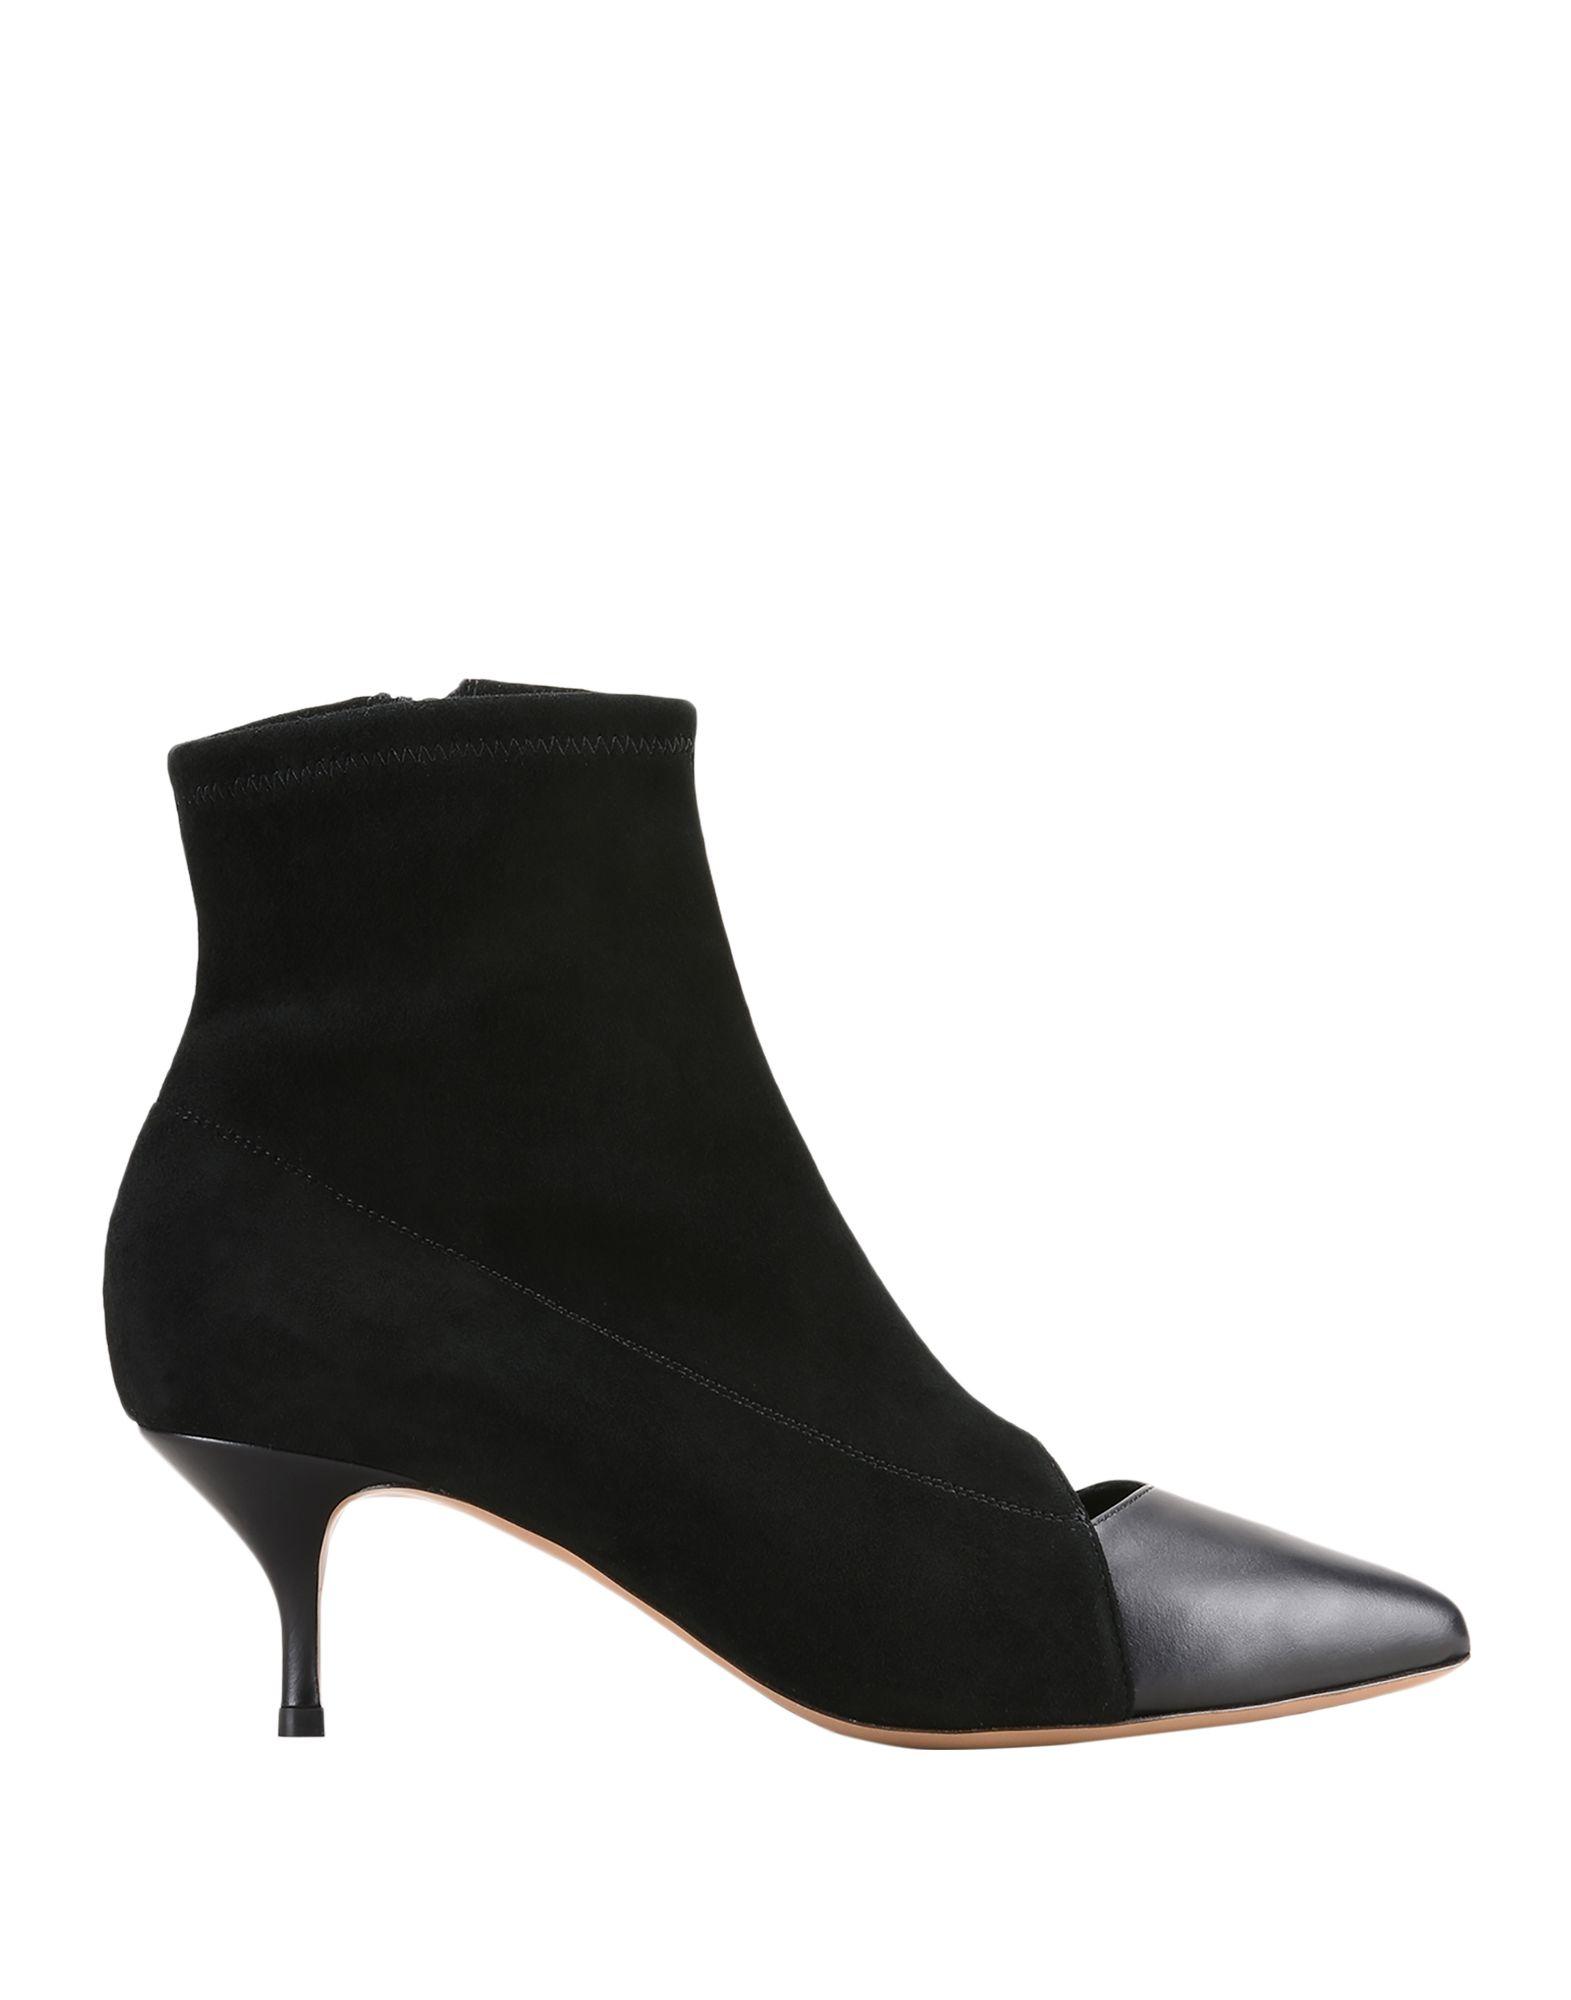 Emporio Armani Ankle Boot - Women Emporio Armani Ankle Ankle Ankle Boots online on  United Kingdom - 11579774HH 9bf65b